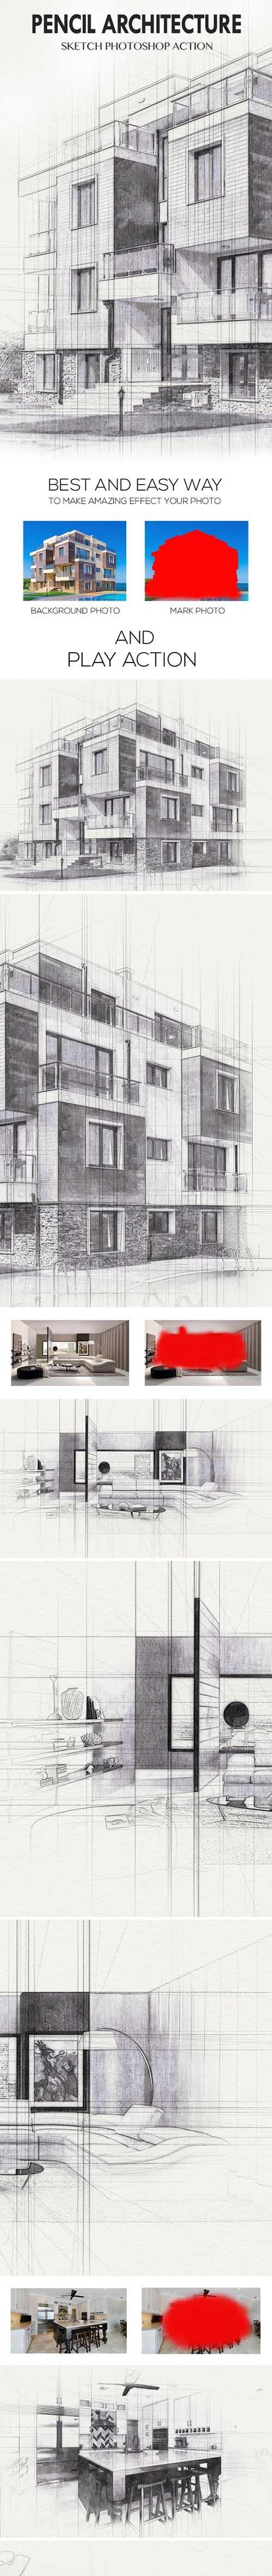 Pencil Architecture Sketch Photoshop Action 24029645